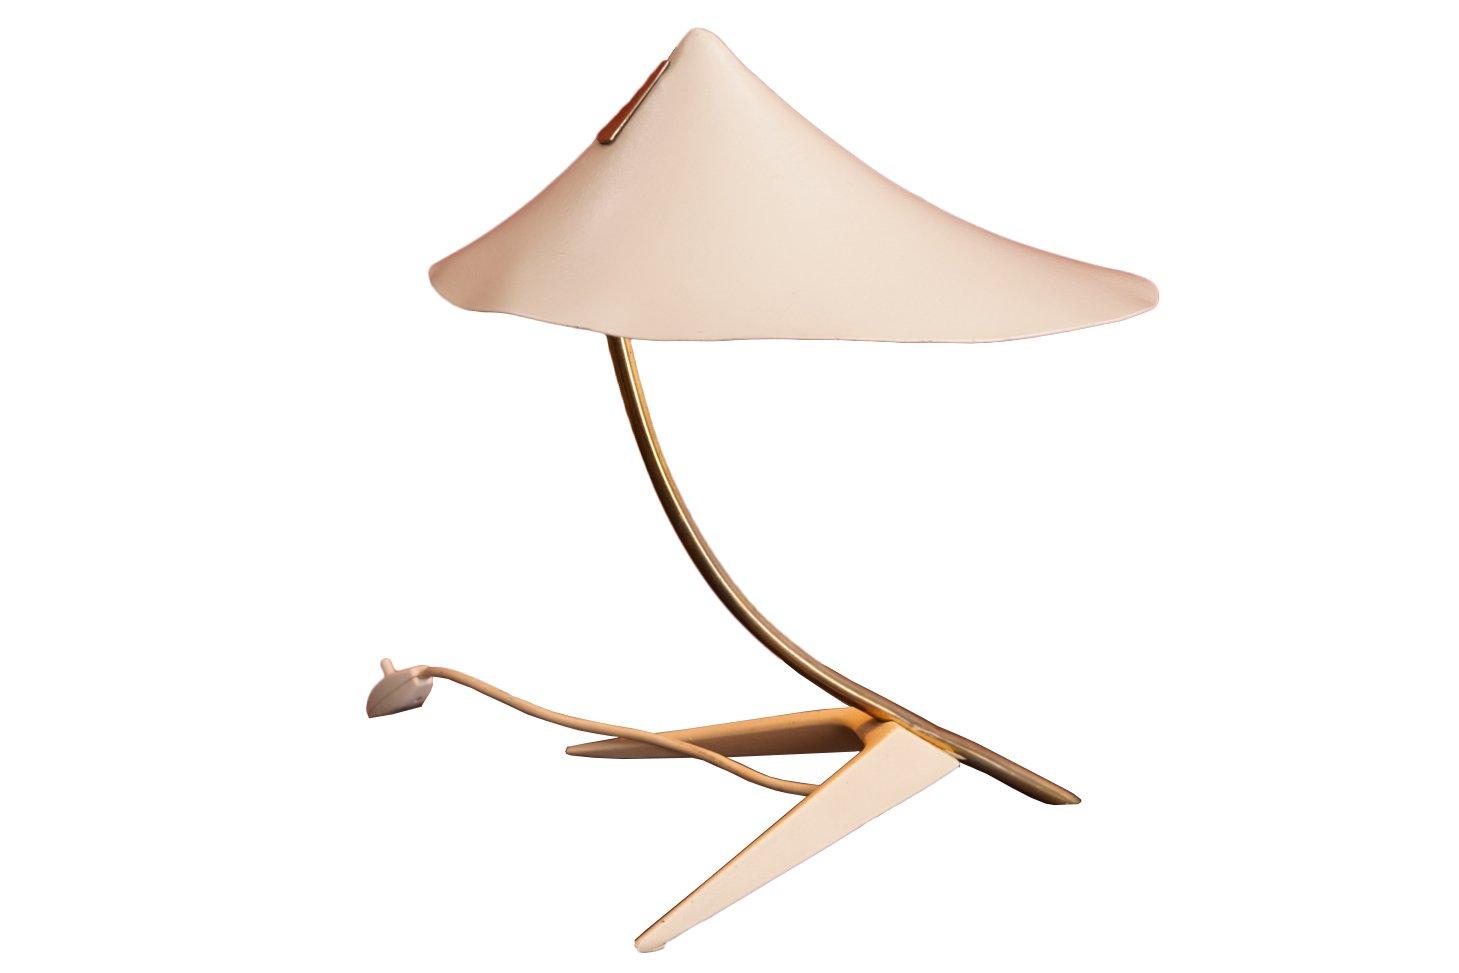 tischlampe mit wei em schirm 1950er bei pamono kaufen. Black Bedroom Furniture Sets. Home Design Ideas